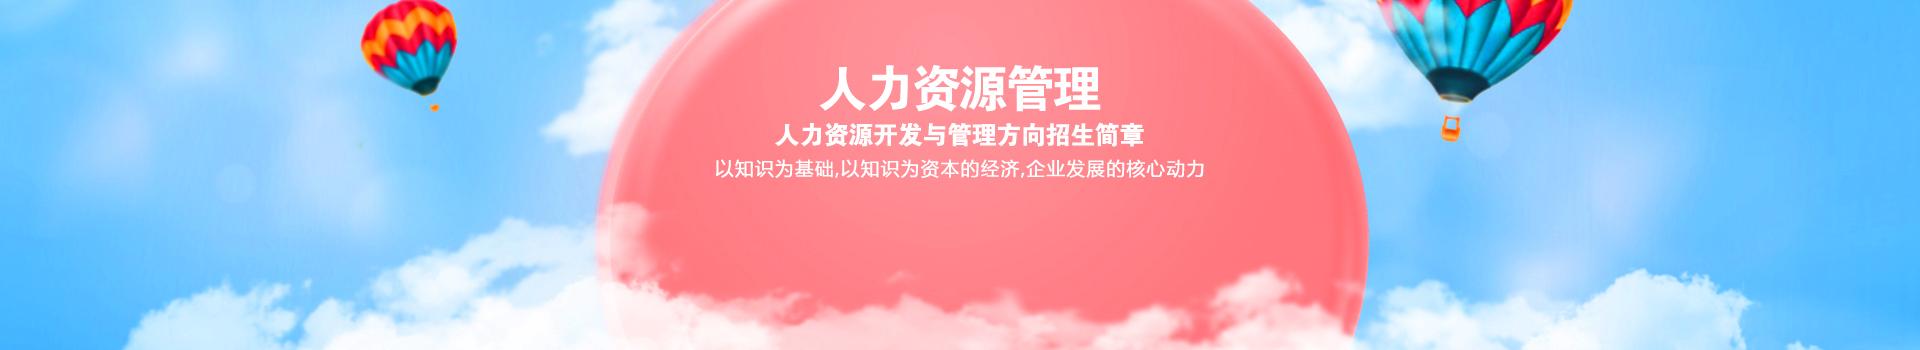 中国科学院心理研究所(人力资源开发与管理方向)在职研究生招生简章